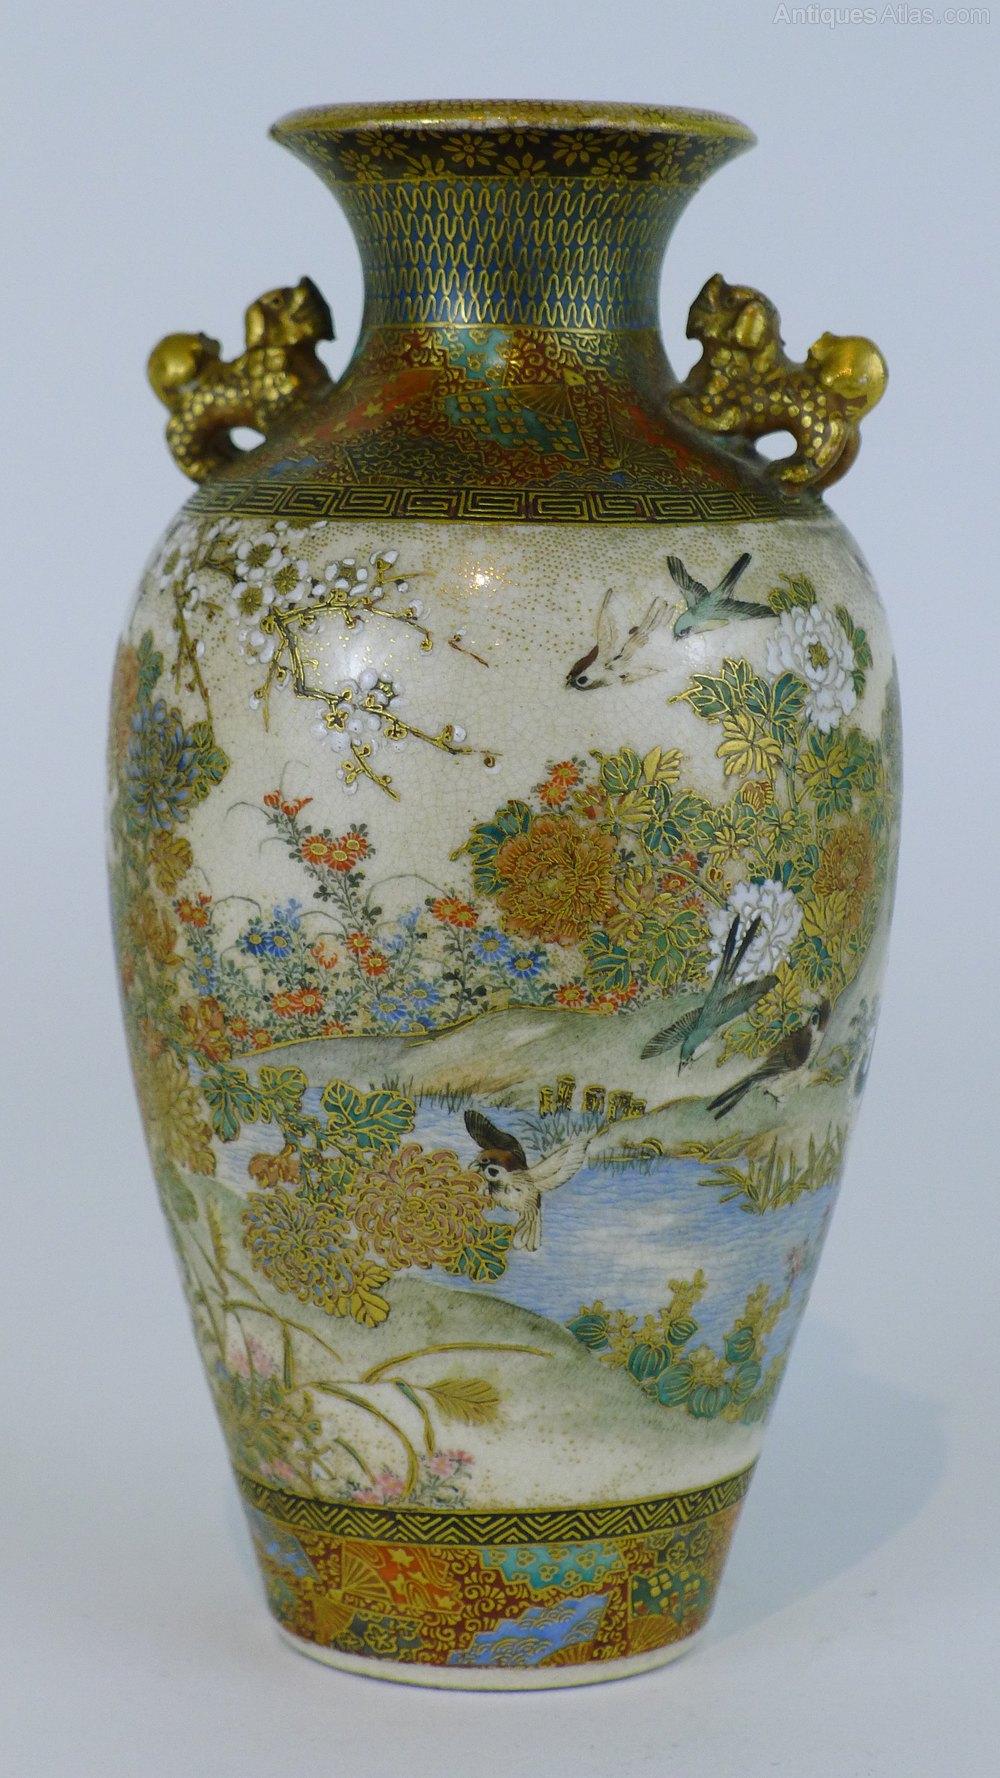 Antiques Atlas Wonderful Quality 19th C Japanese Satsuma Vase